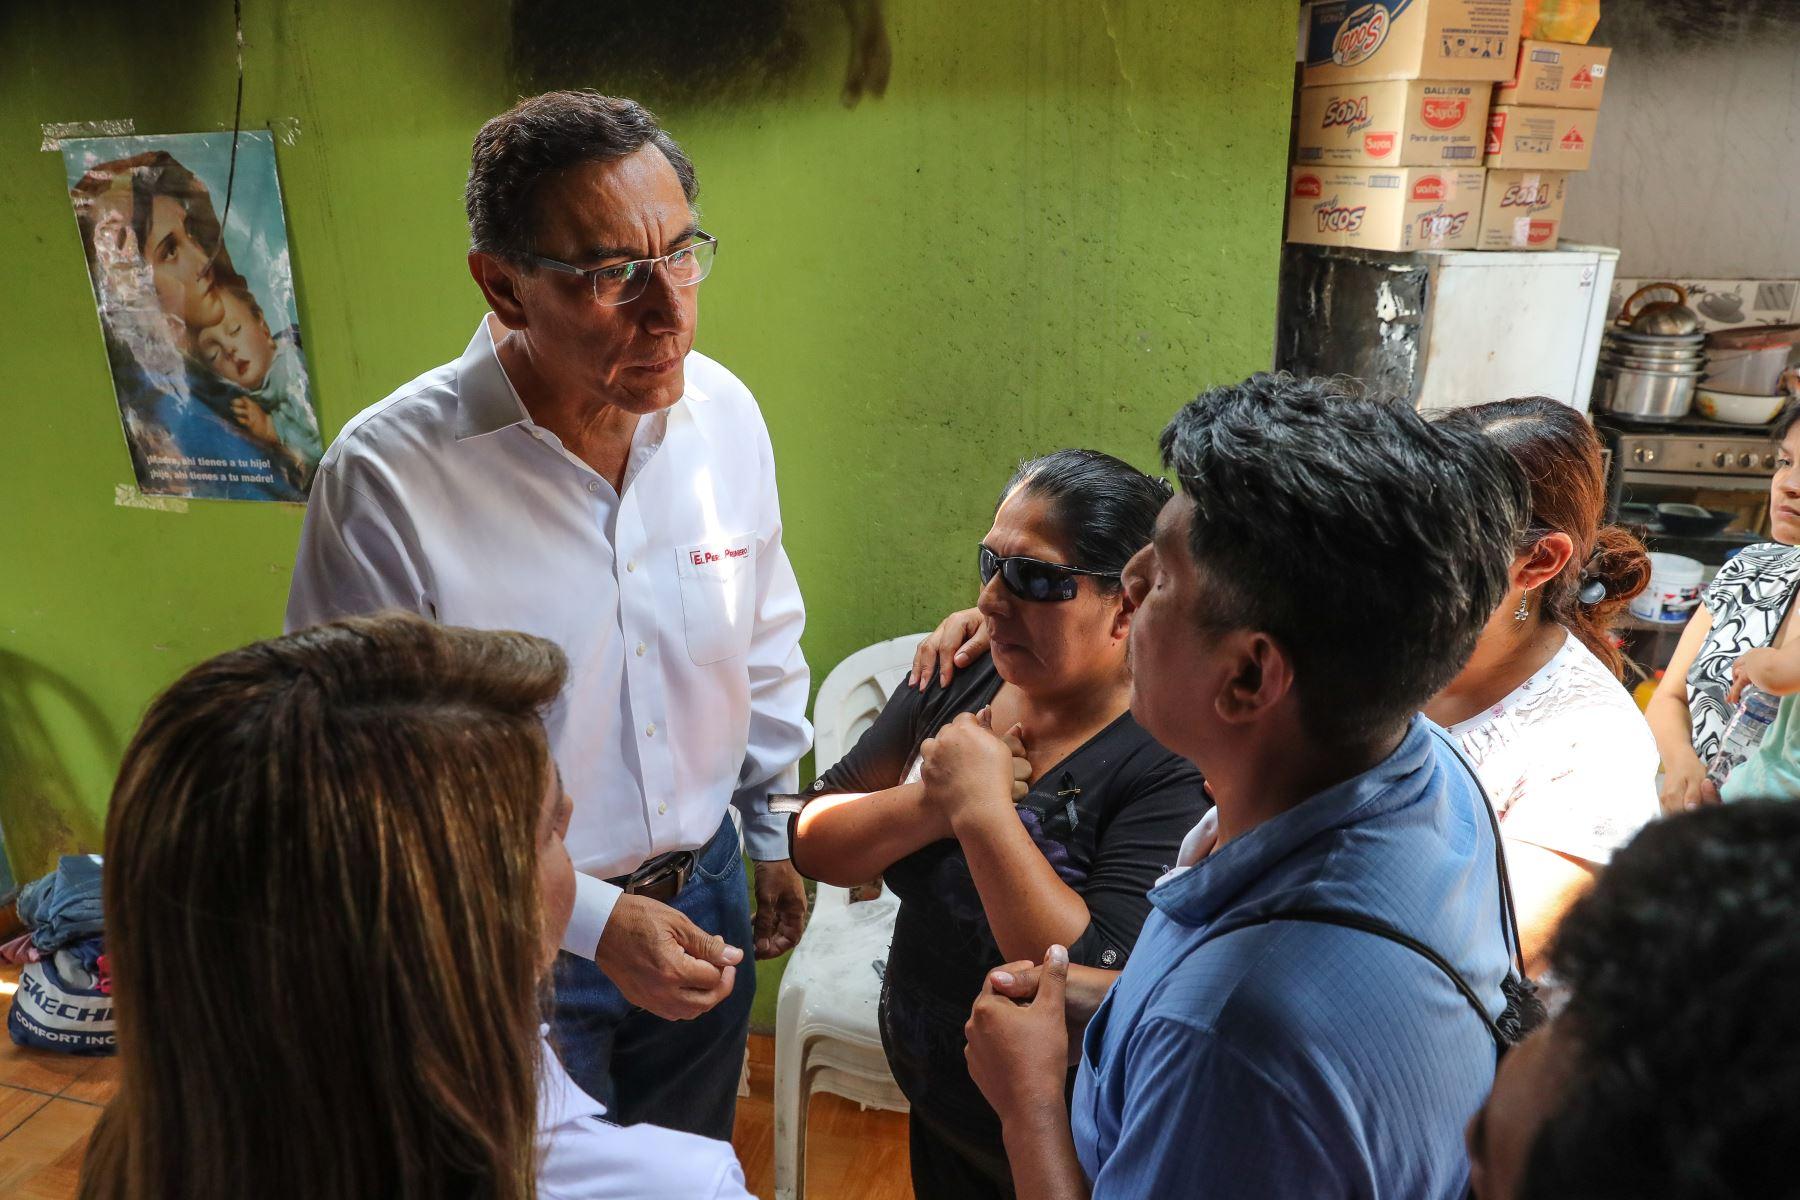 El presidente  Martin Vizcarra supervisó las acciones multisectoriales que realiza el Ejecutivo en la zona afectada por la deflagración en Villa El Salvador. Foto:ANDINA/Presidencia